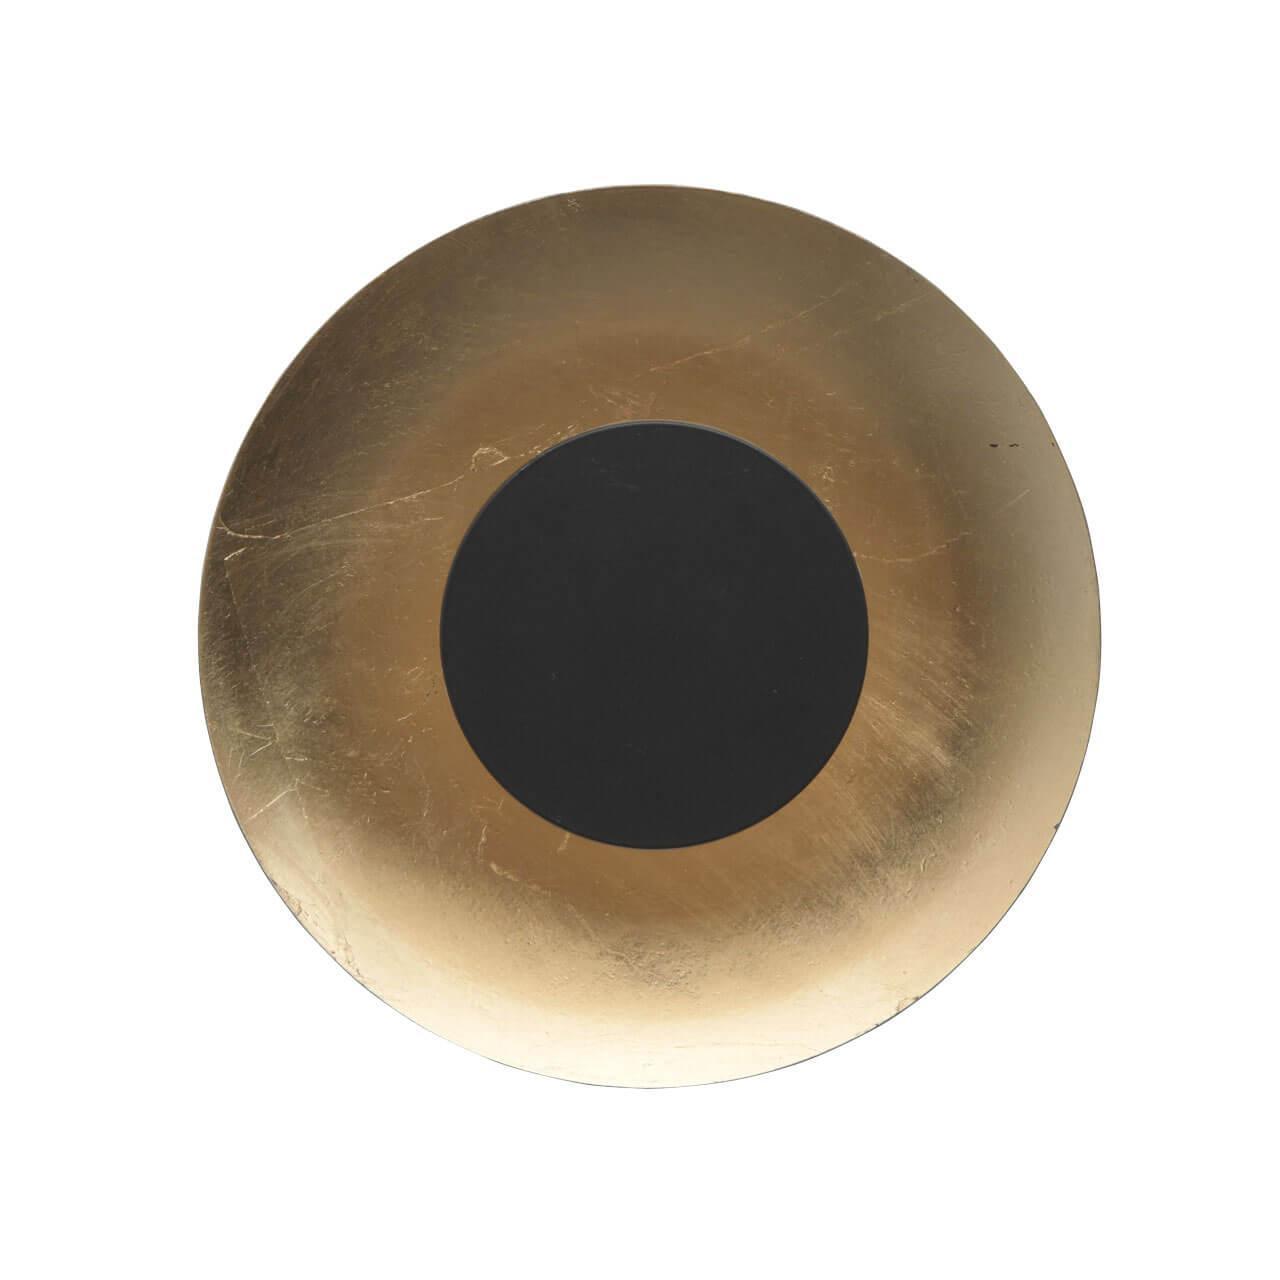 купить Настенный светодиодный светильник De Markt Галатея 12 452024201 недорого